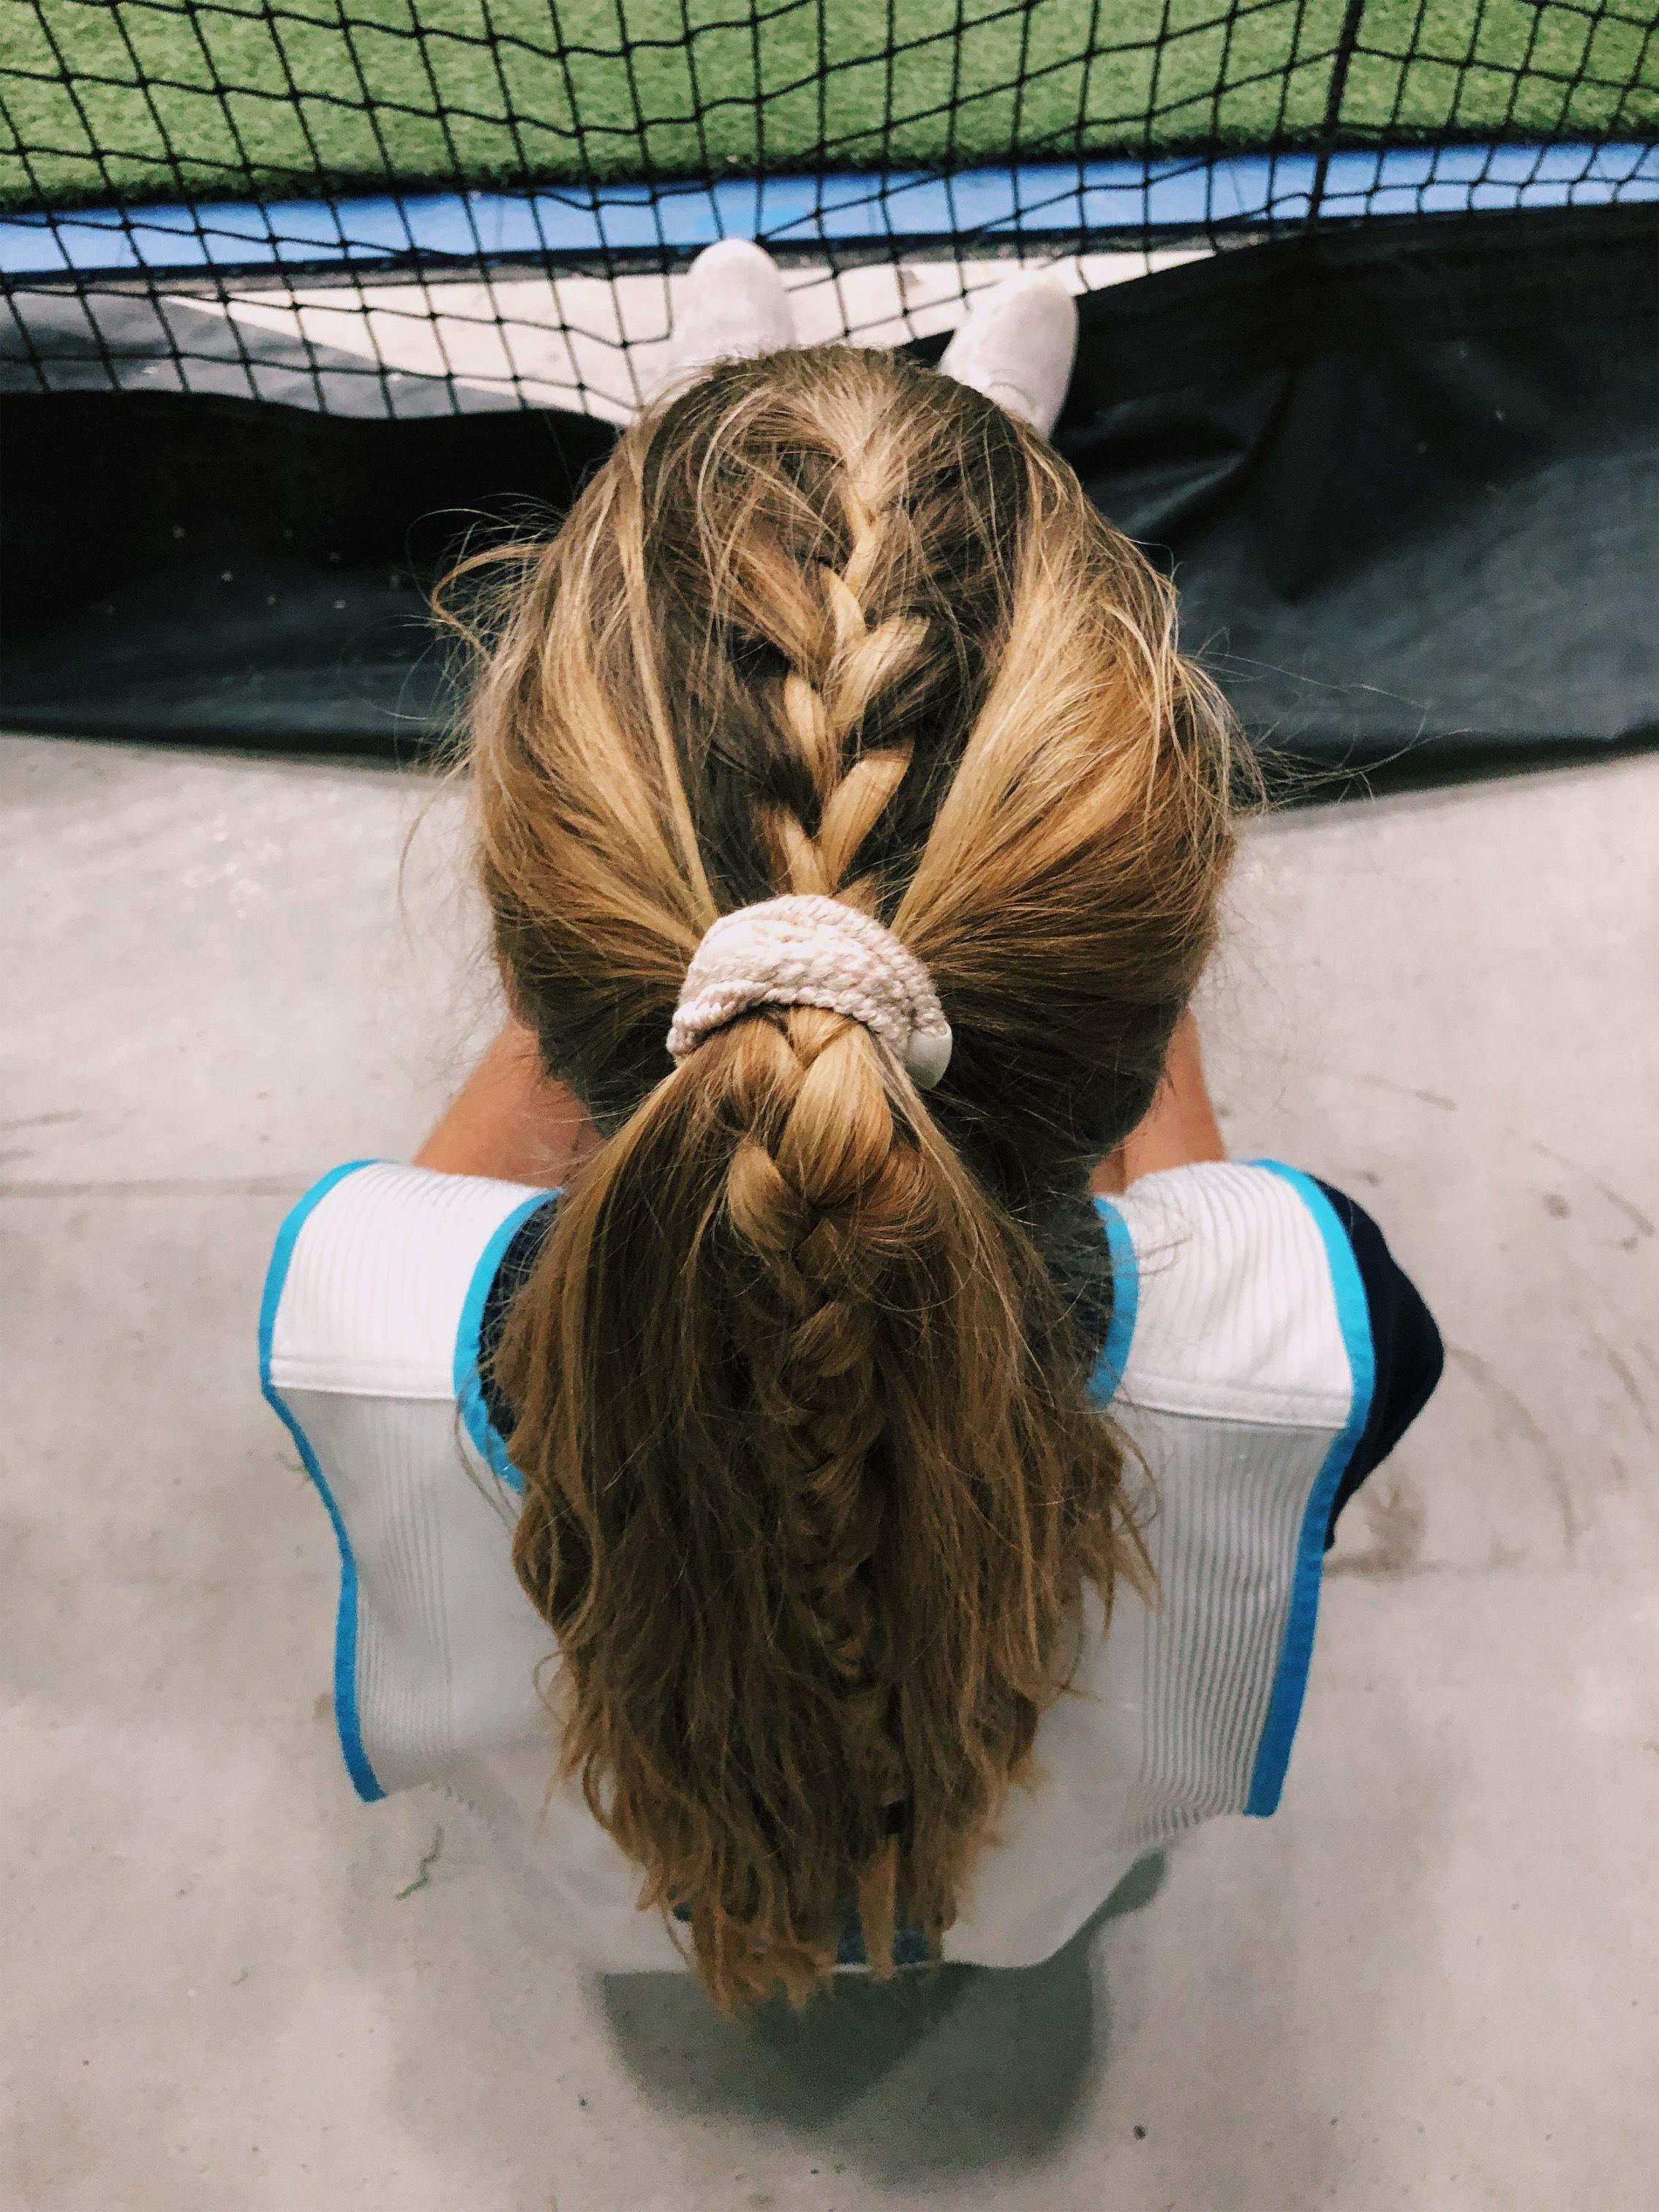 Hair Lacrosse Lax Braids Sports Love Stellnolann Soccer Hair Sports Hairstyles Sport Hair